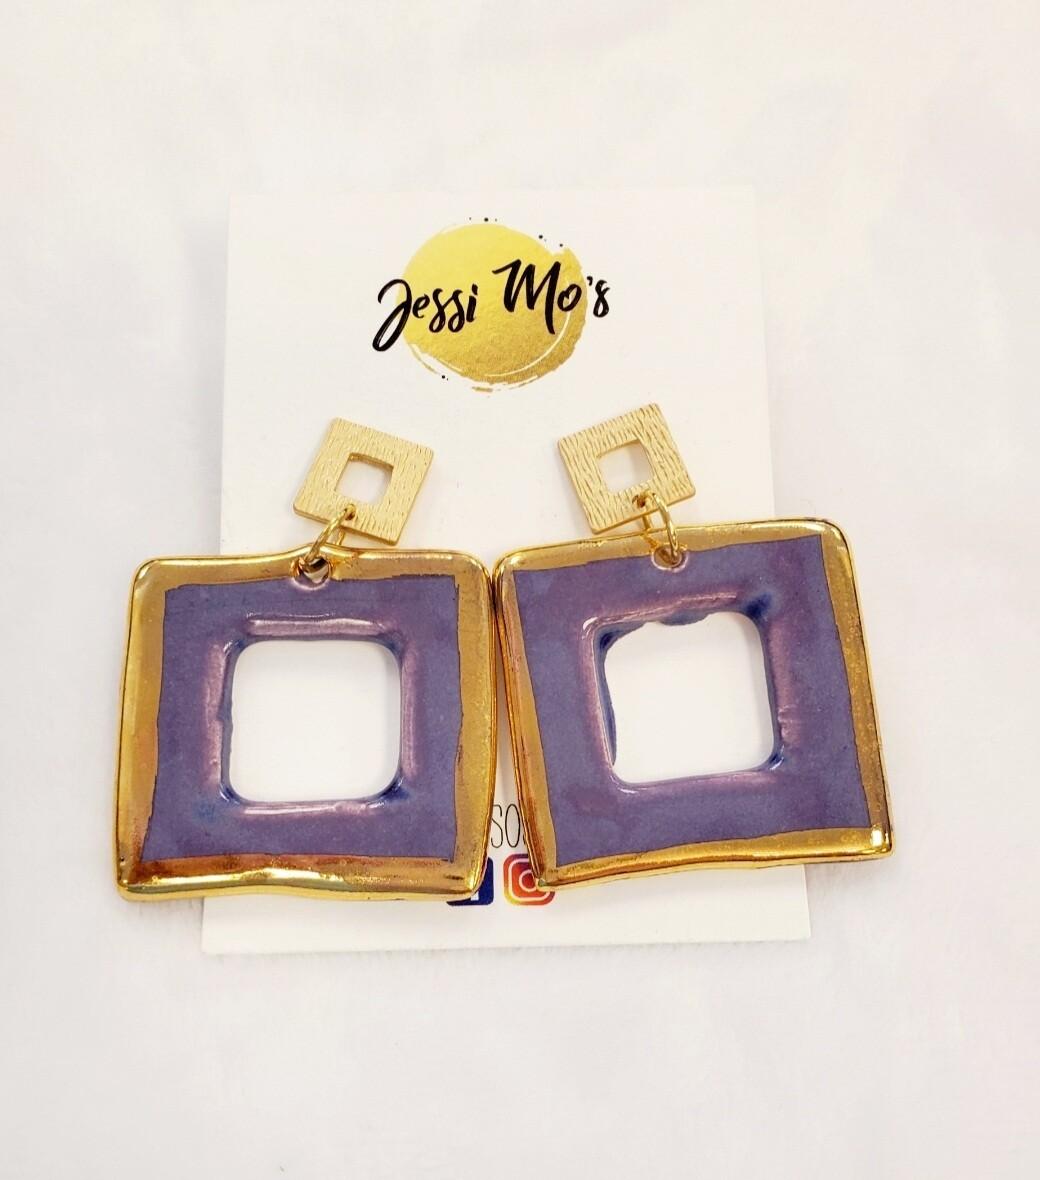 Jessi Mo's Ceramic Earrings- Lavender Flower Glaze